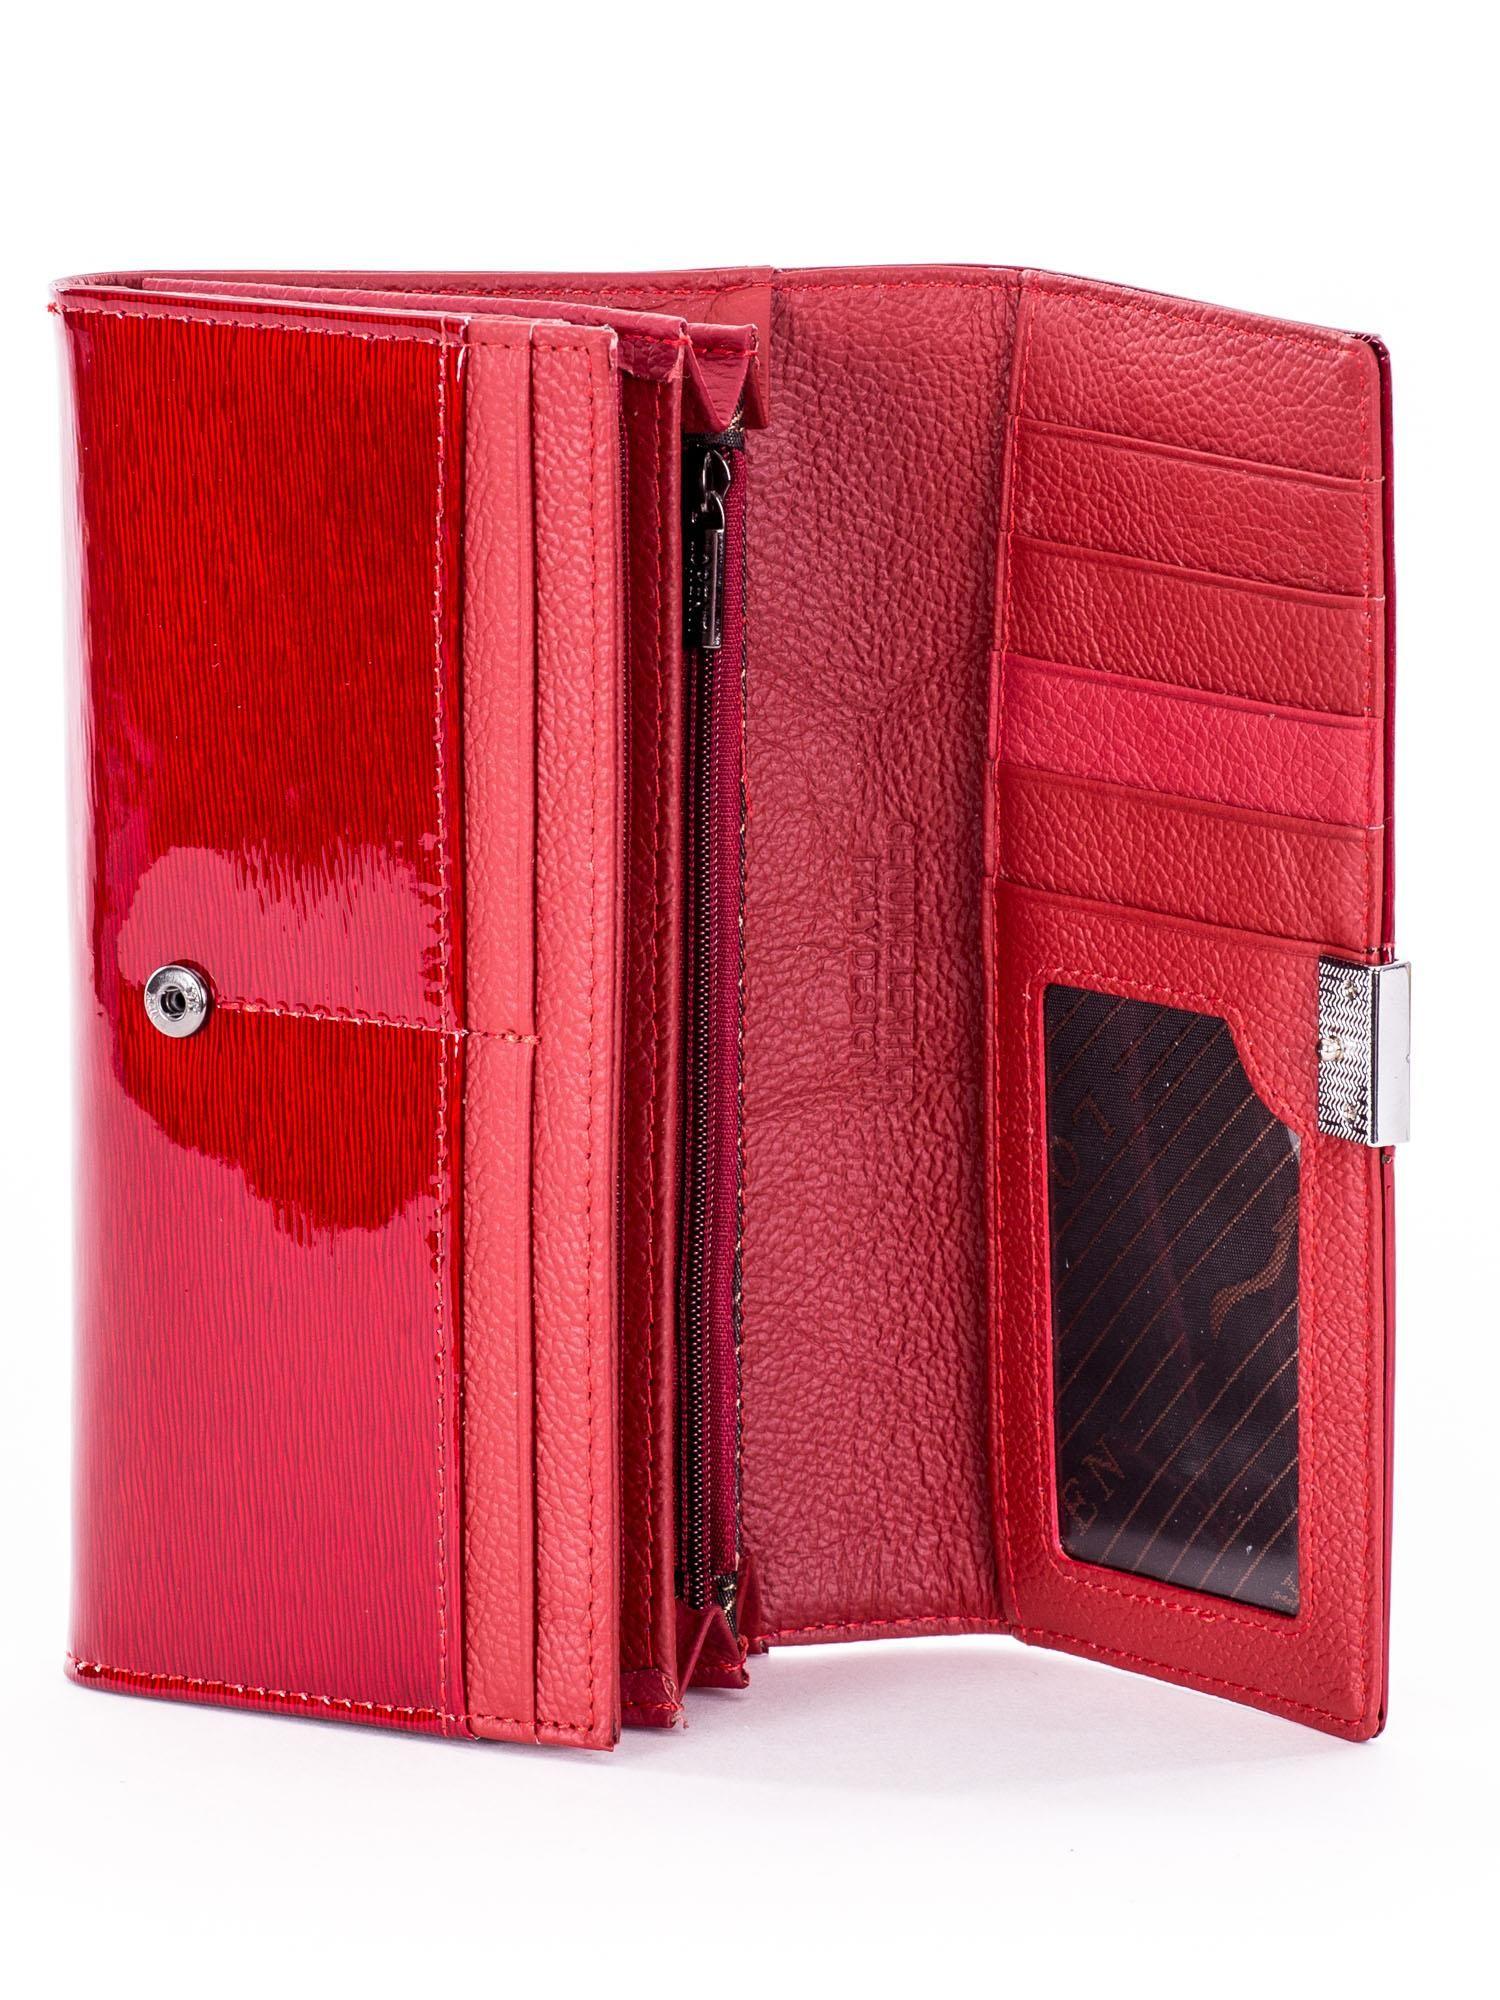 48015e4bd3db0 Portfel damski lakierowany czerwony z kryształkami - Akcesoria ...